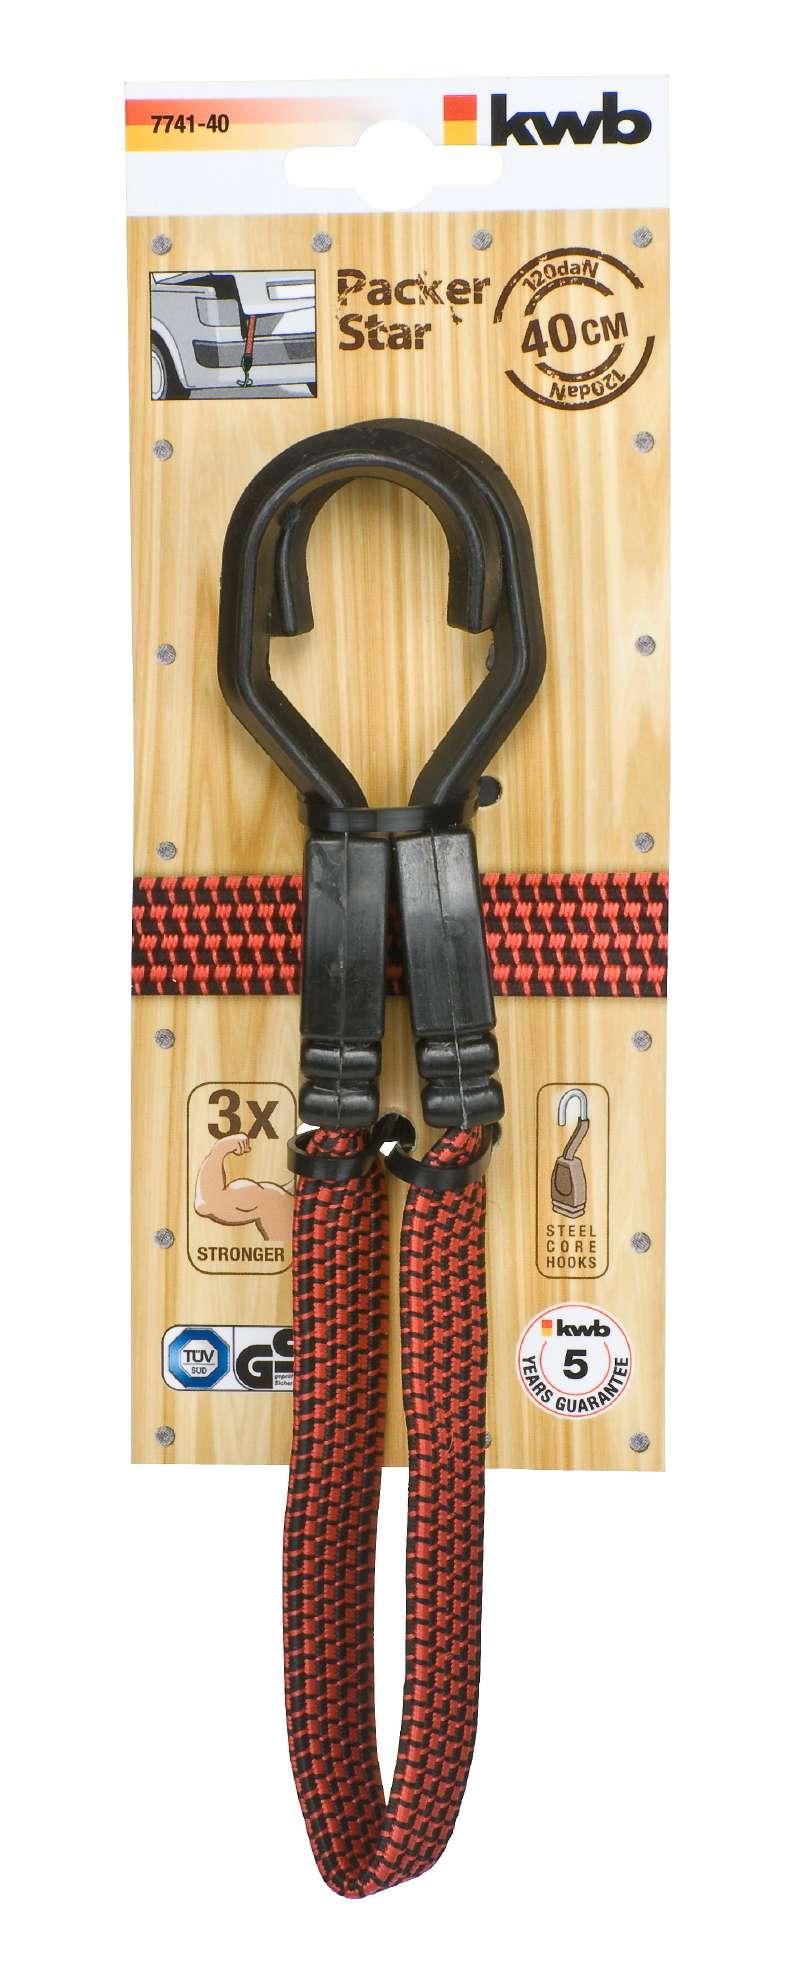 Ремень для грузов Kwb 7741-40